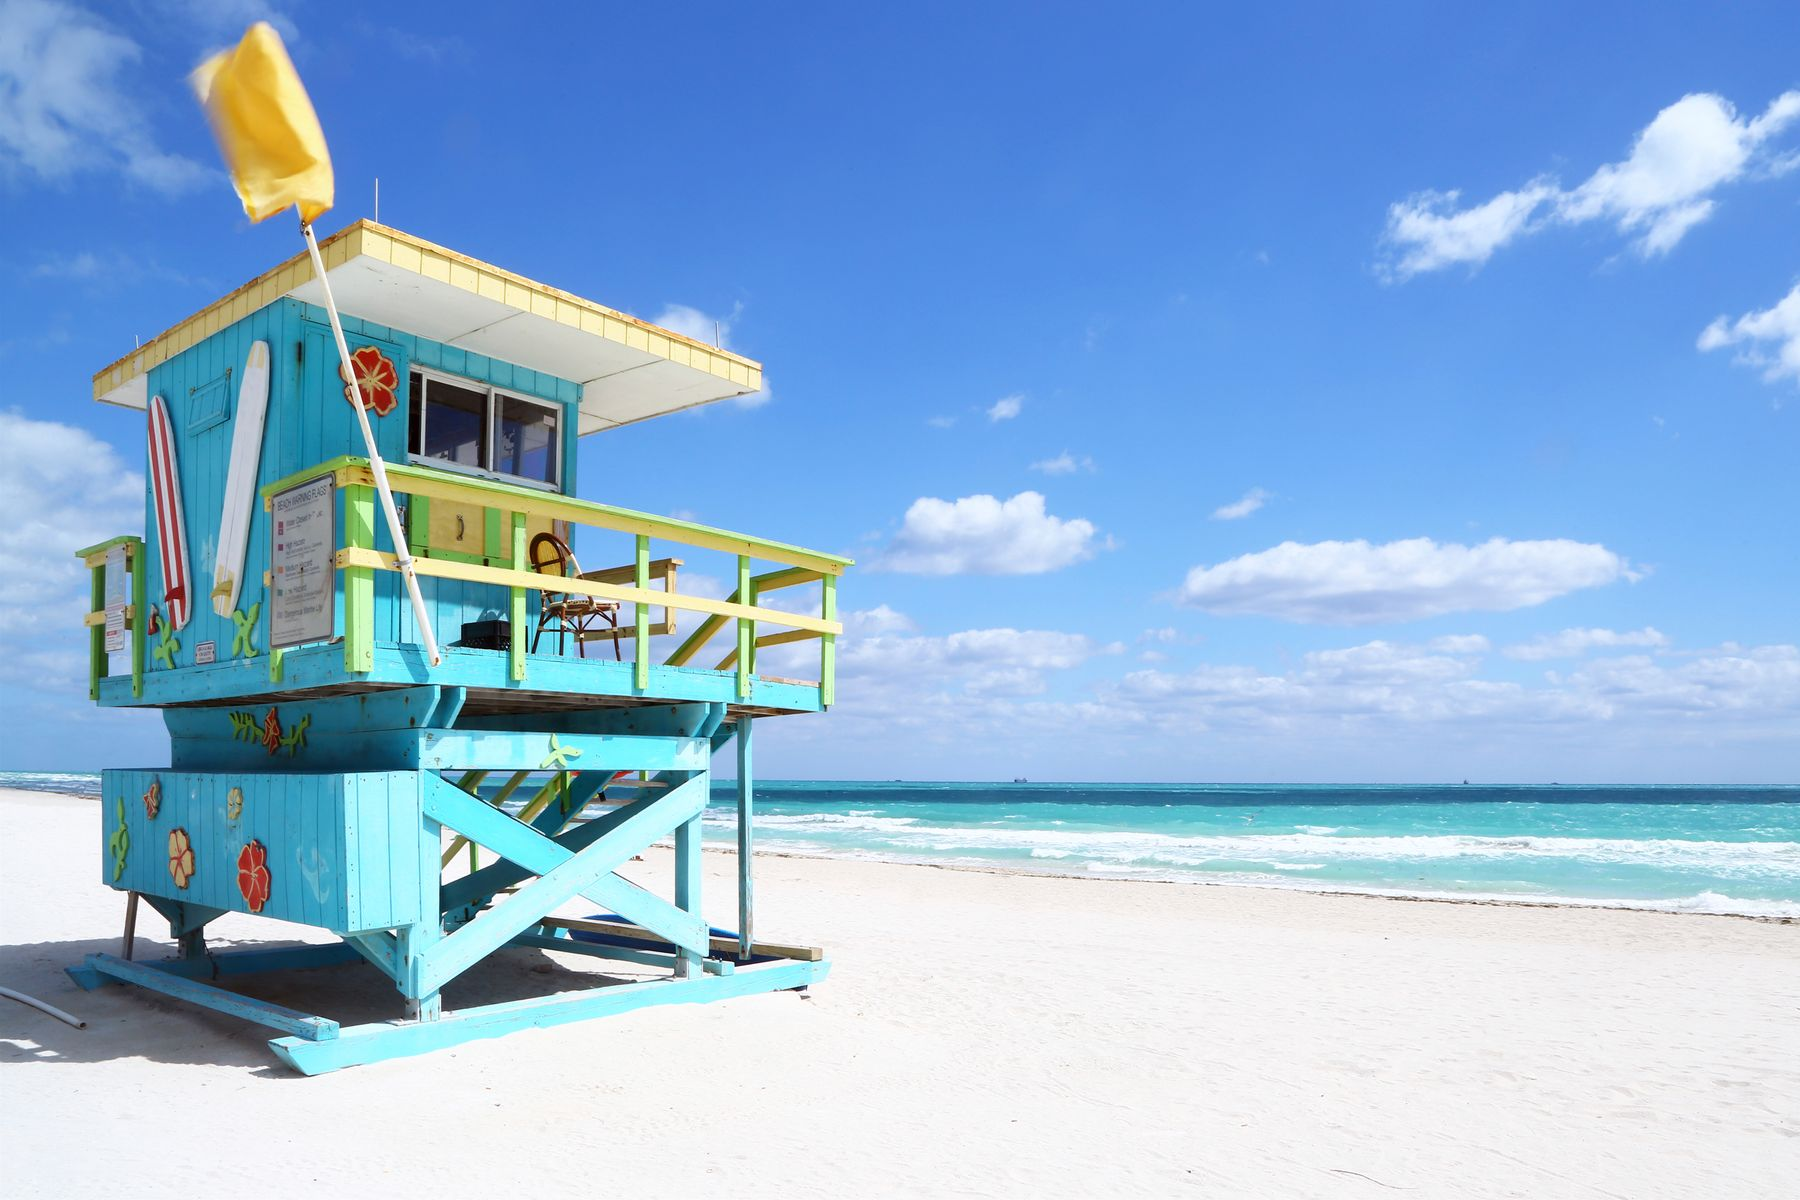 Cabane de sauveteurs à Miami, Floride